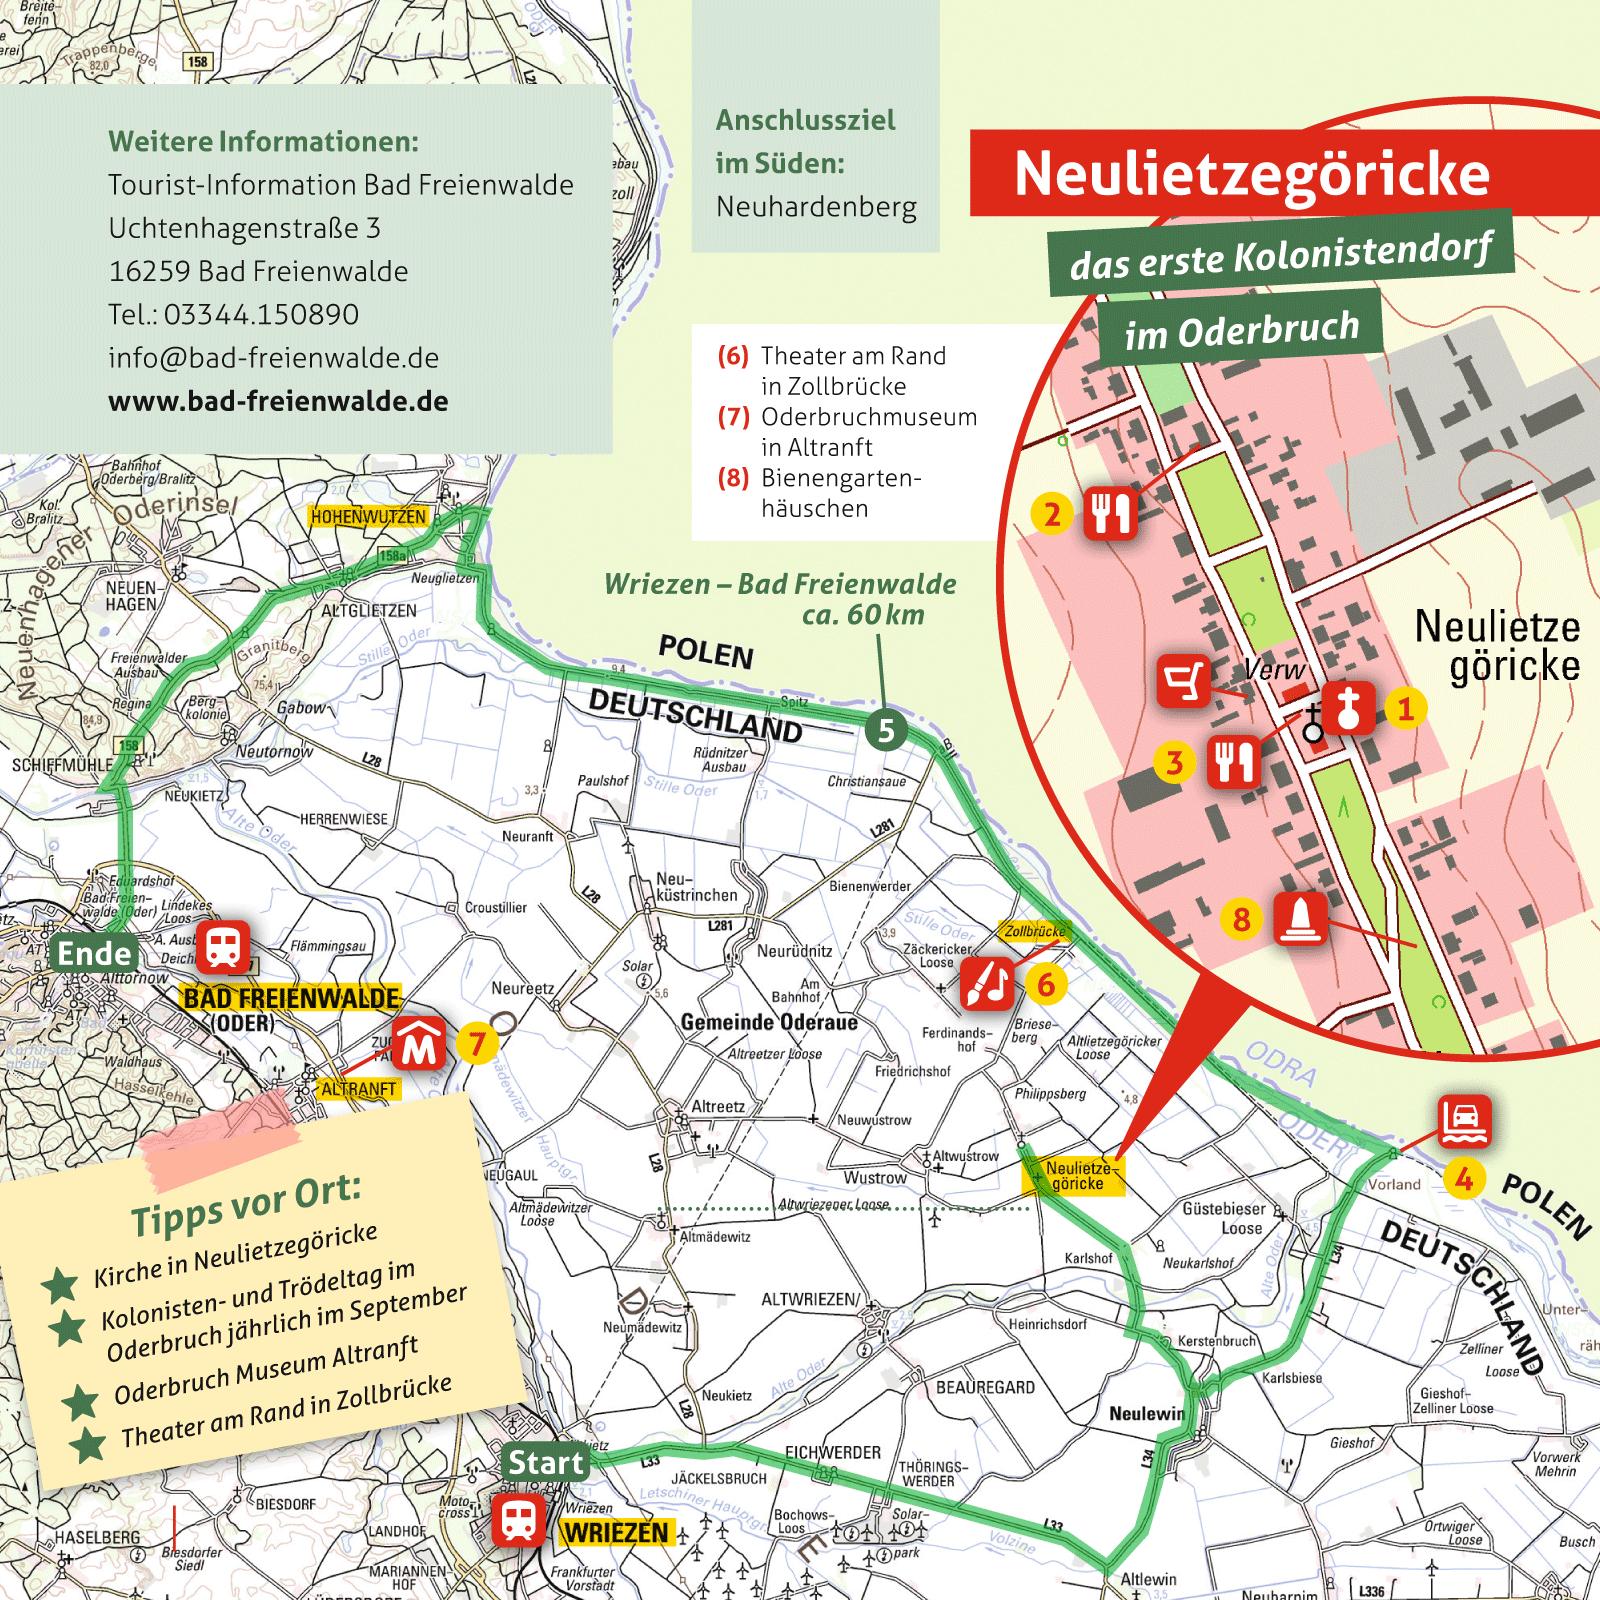 Ausflugskarte für Neulietzegöricke